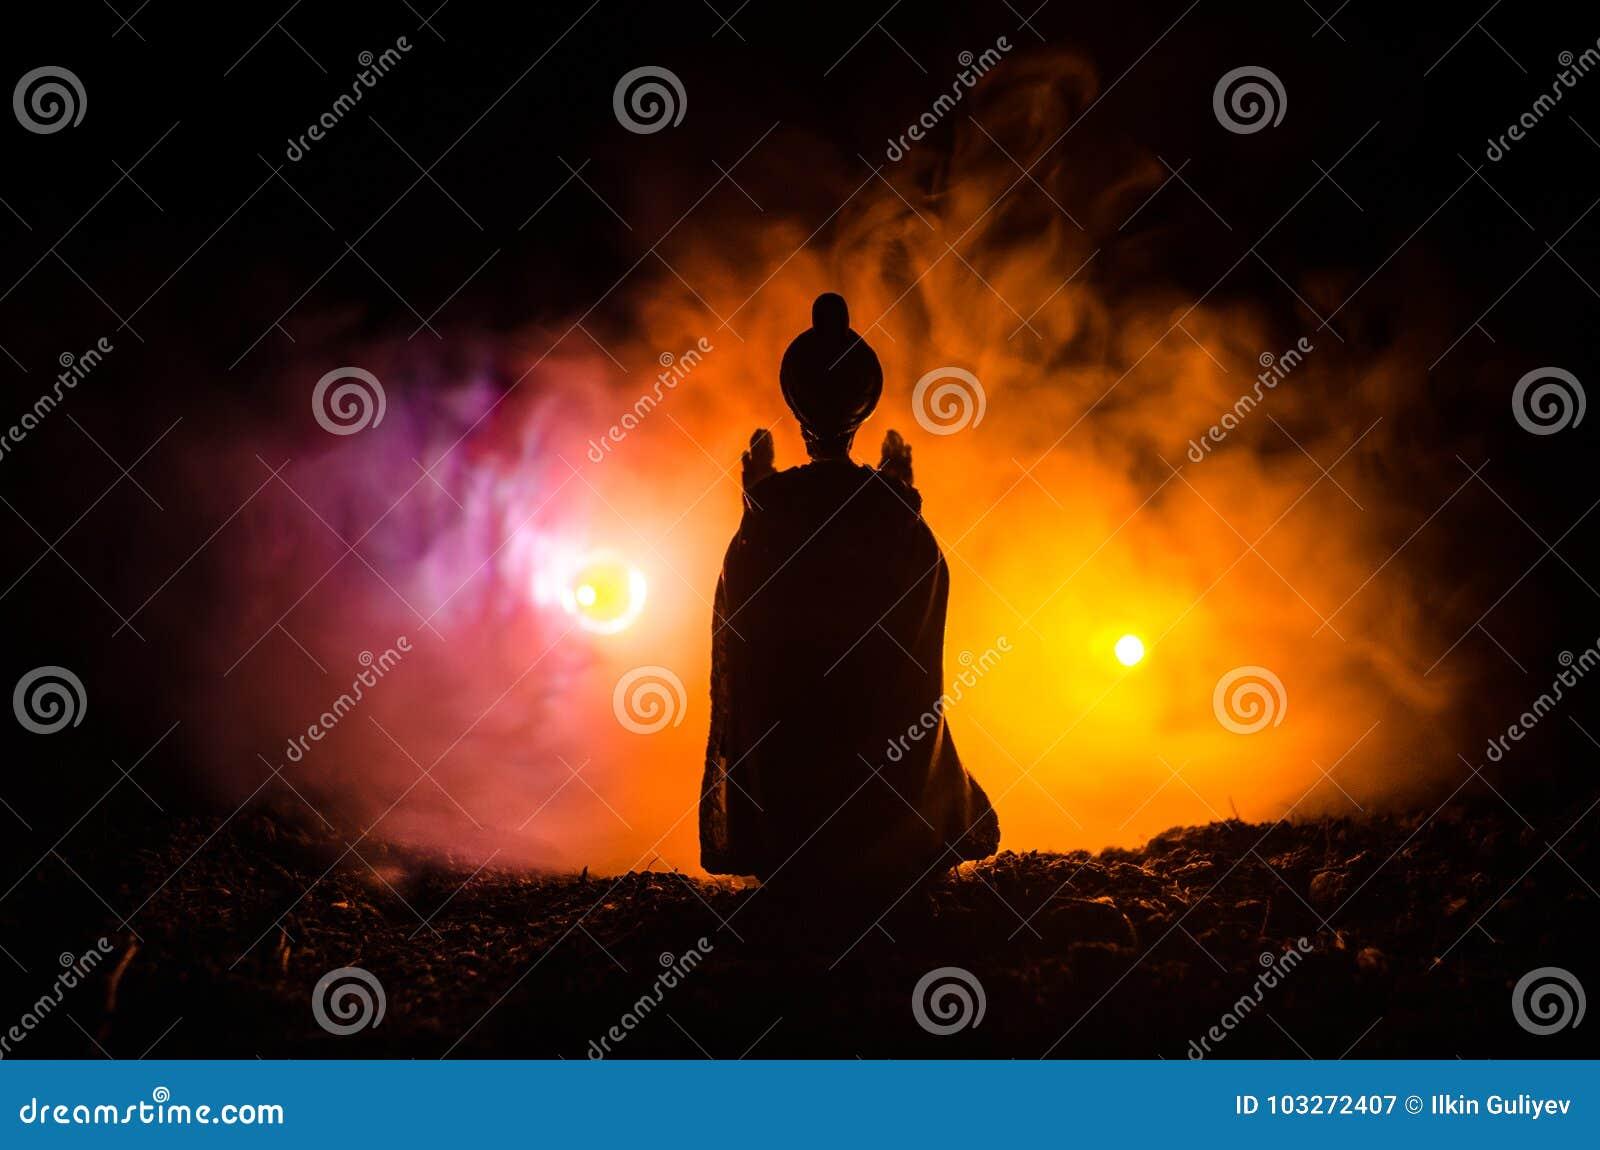 La silhouette musulmane d hommes a brouillé le fond, les silhouettes, la lumière de la foi, espoir, foi, supplication